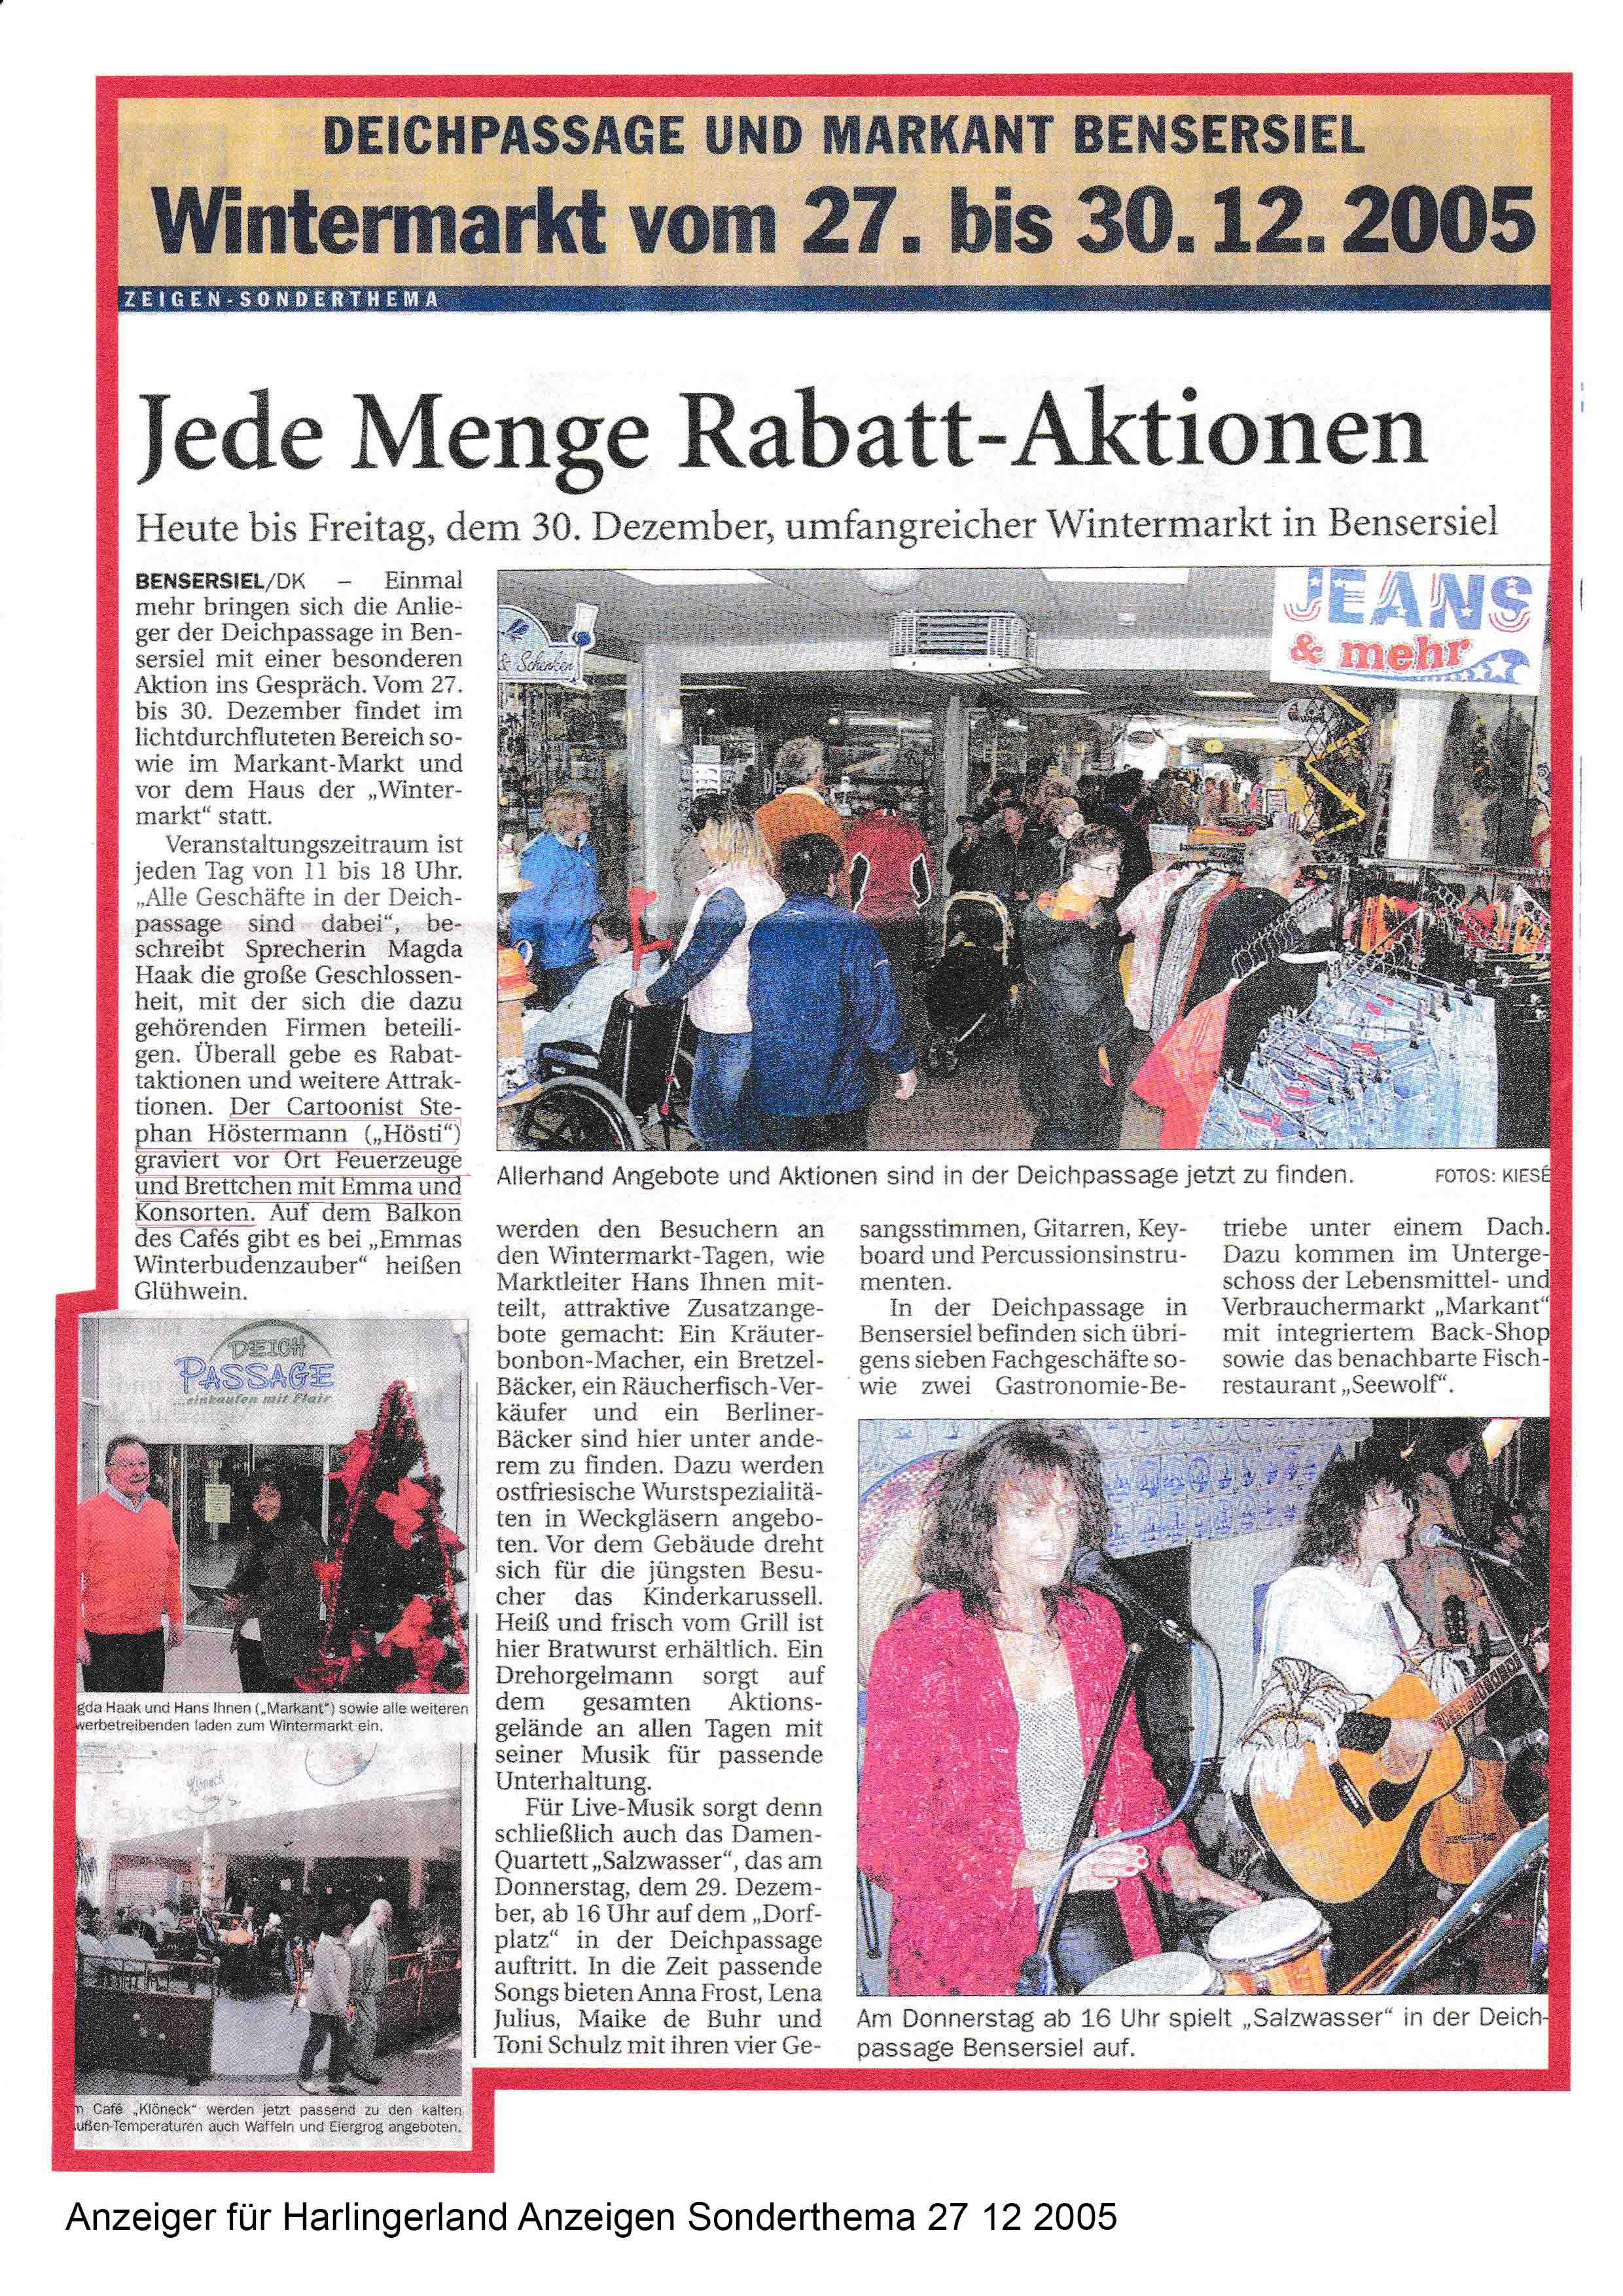 Anzeiger für Harlingerland Anzeigen Sonderthema 27 12 2005